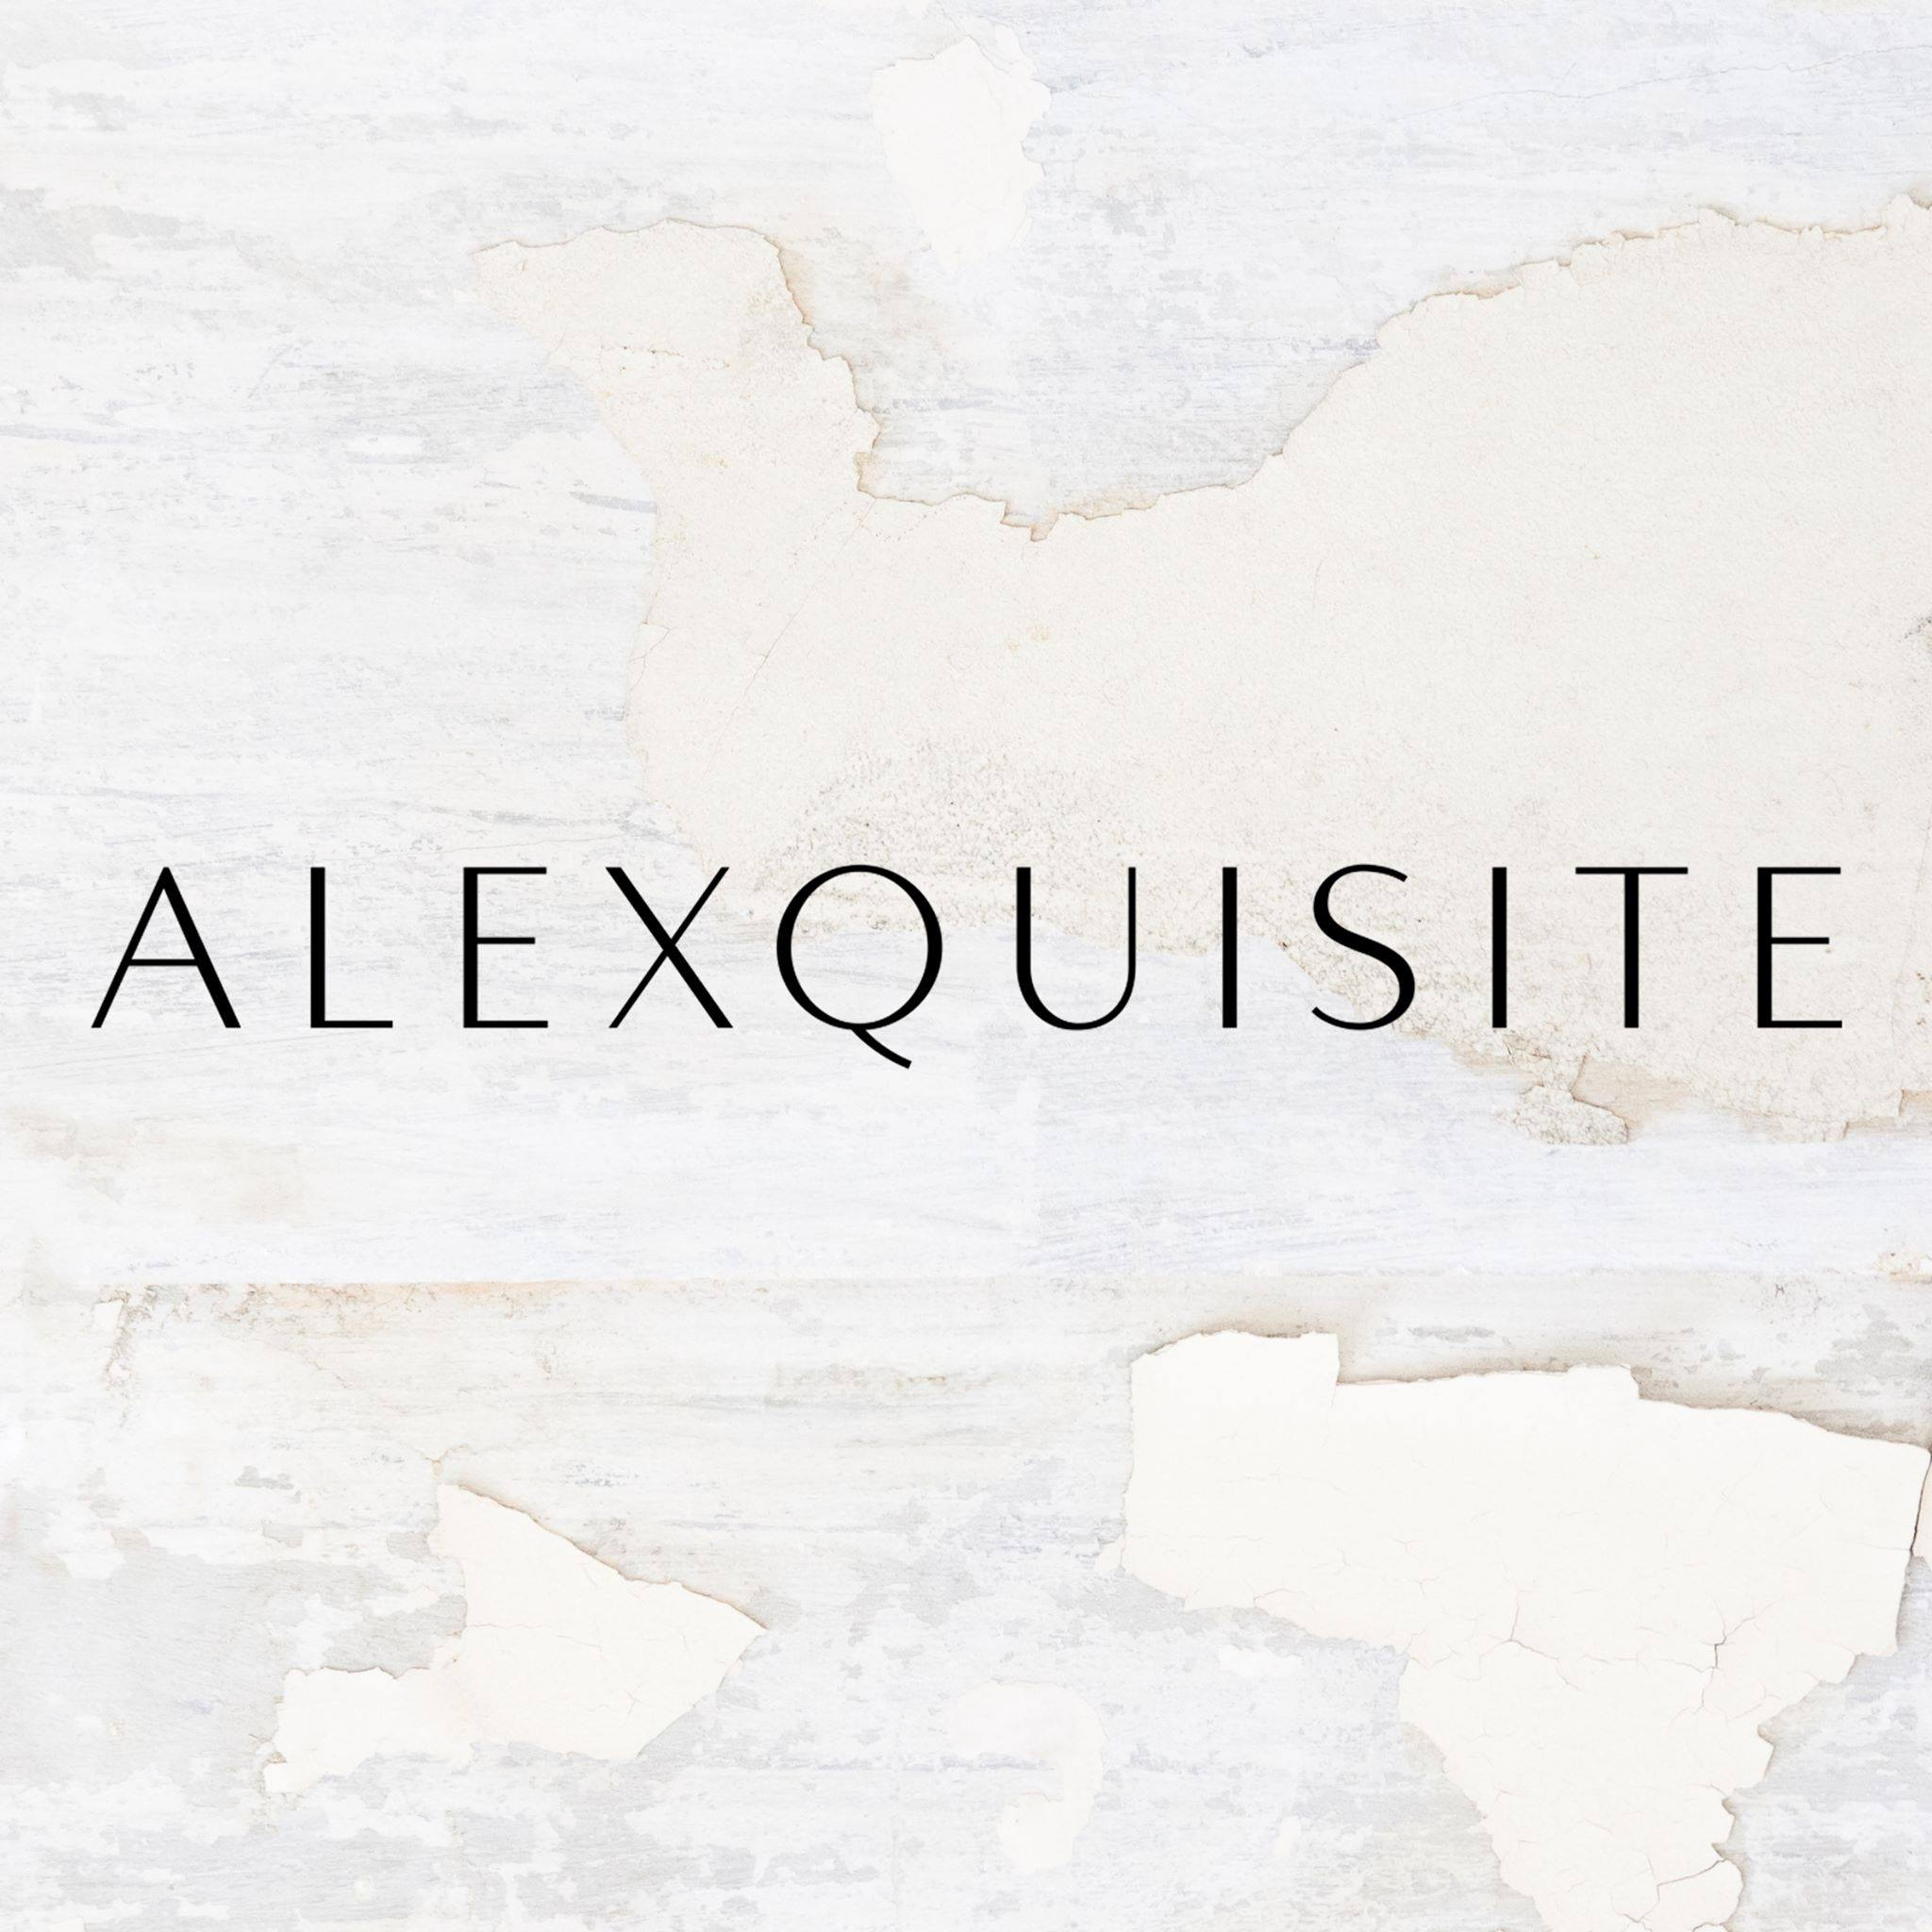 la-boite-d-allumettes-pole-mode-alexquisite